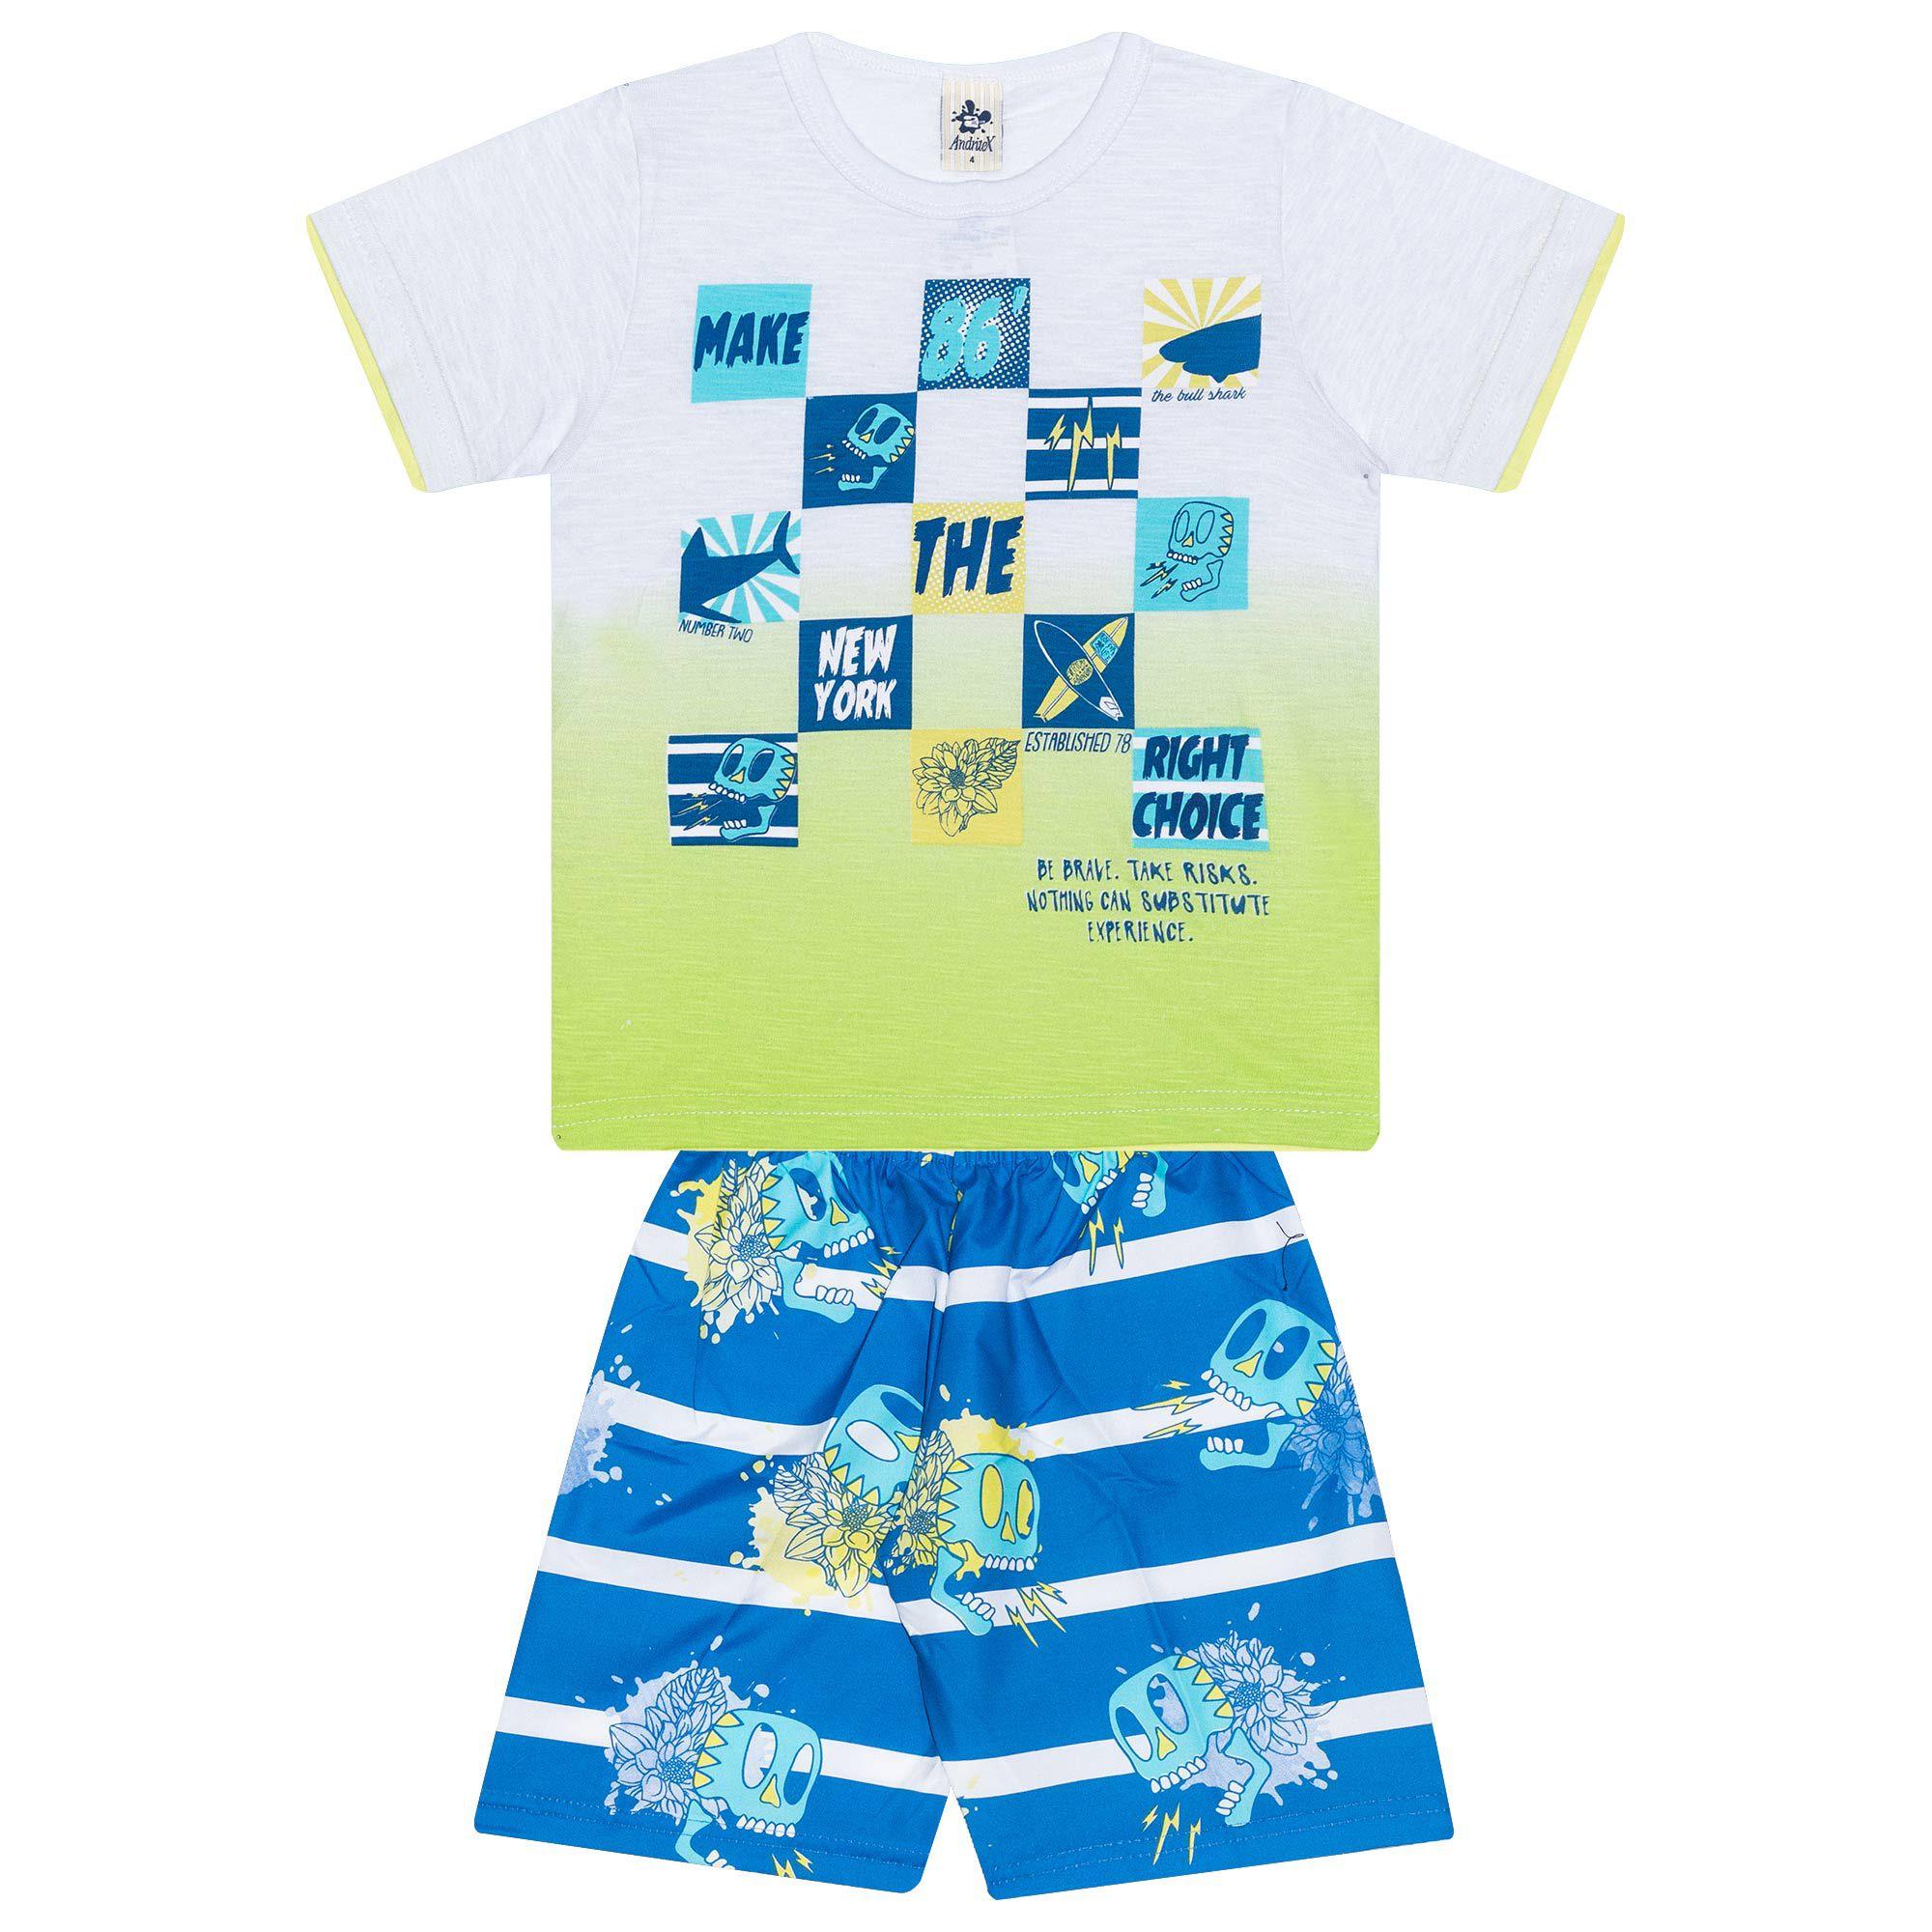 Conjunto Infantil Masculino - Ref 4908 - Branco - Andritex